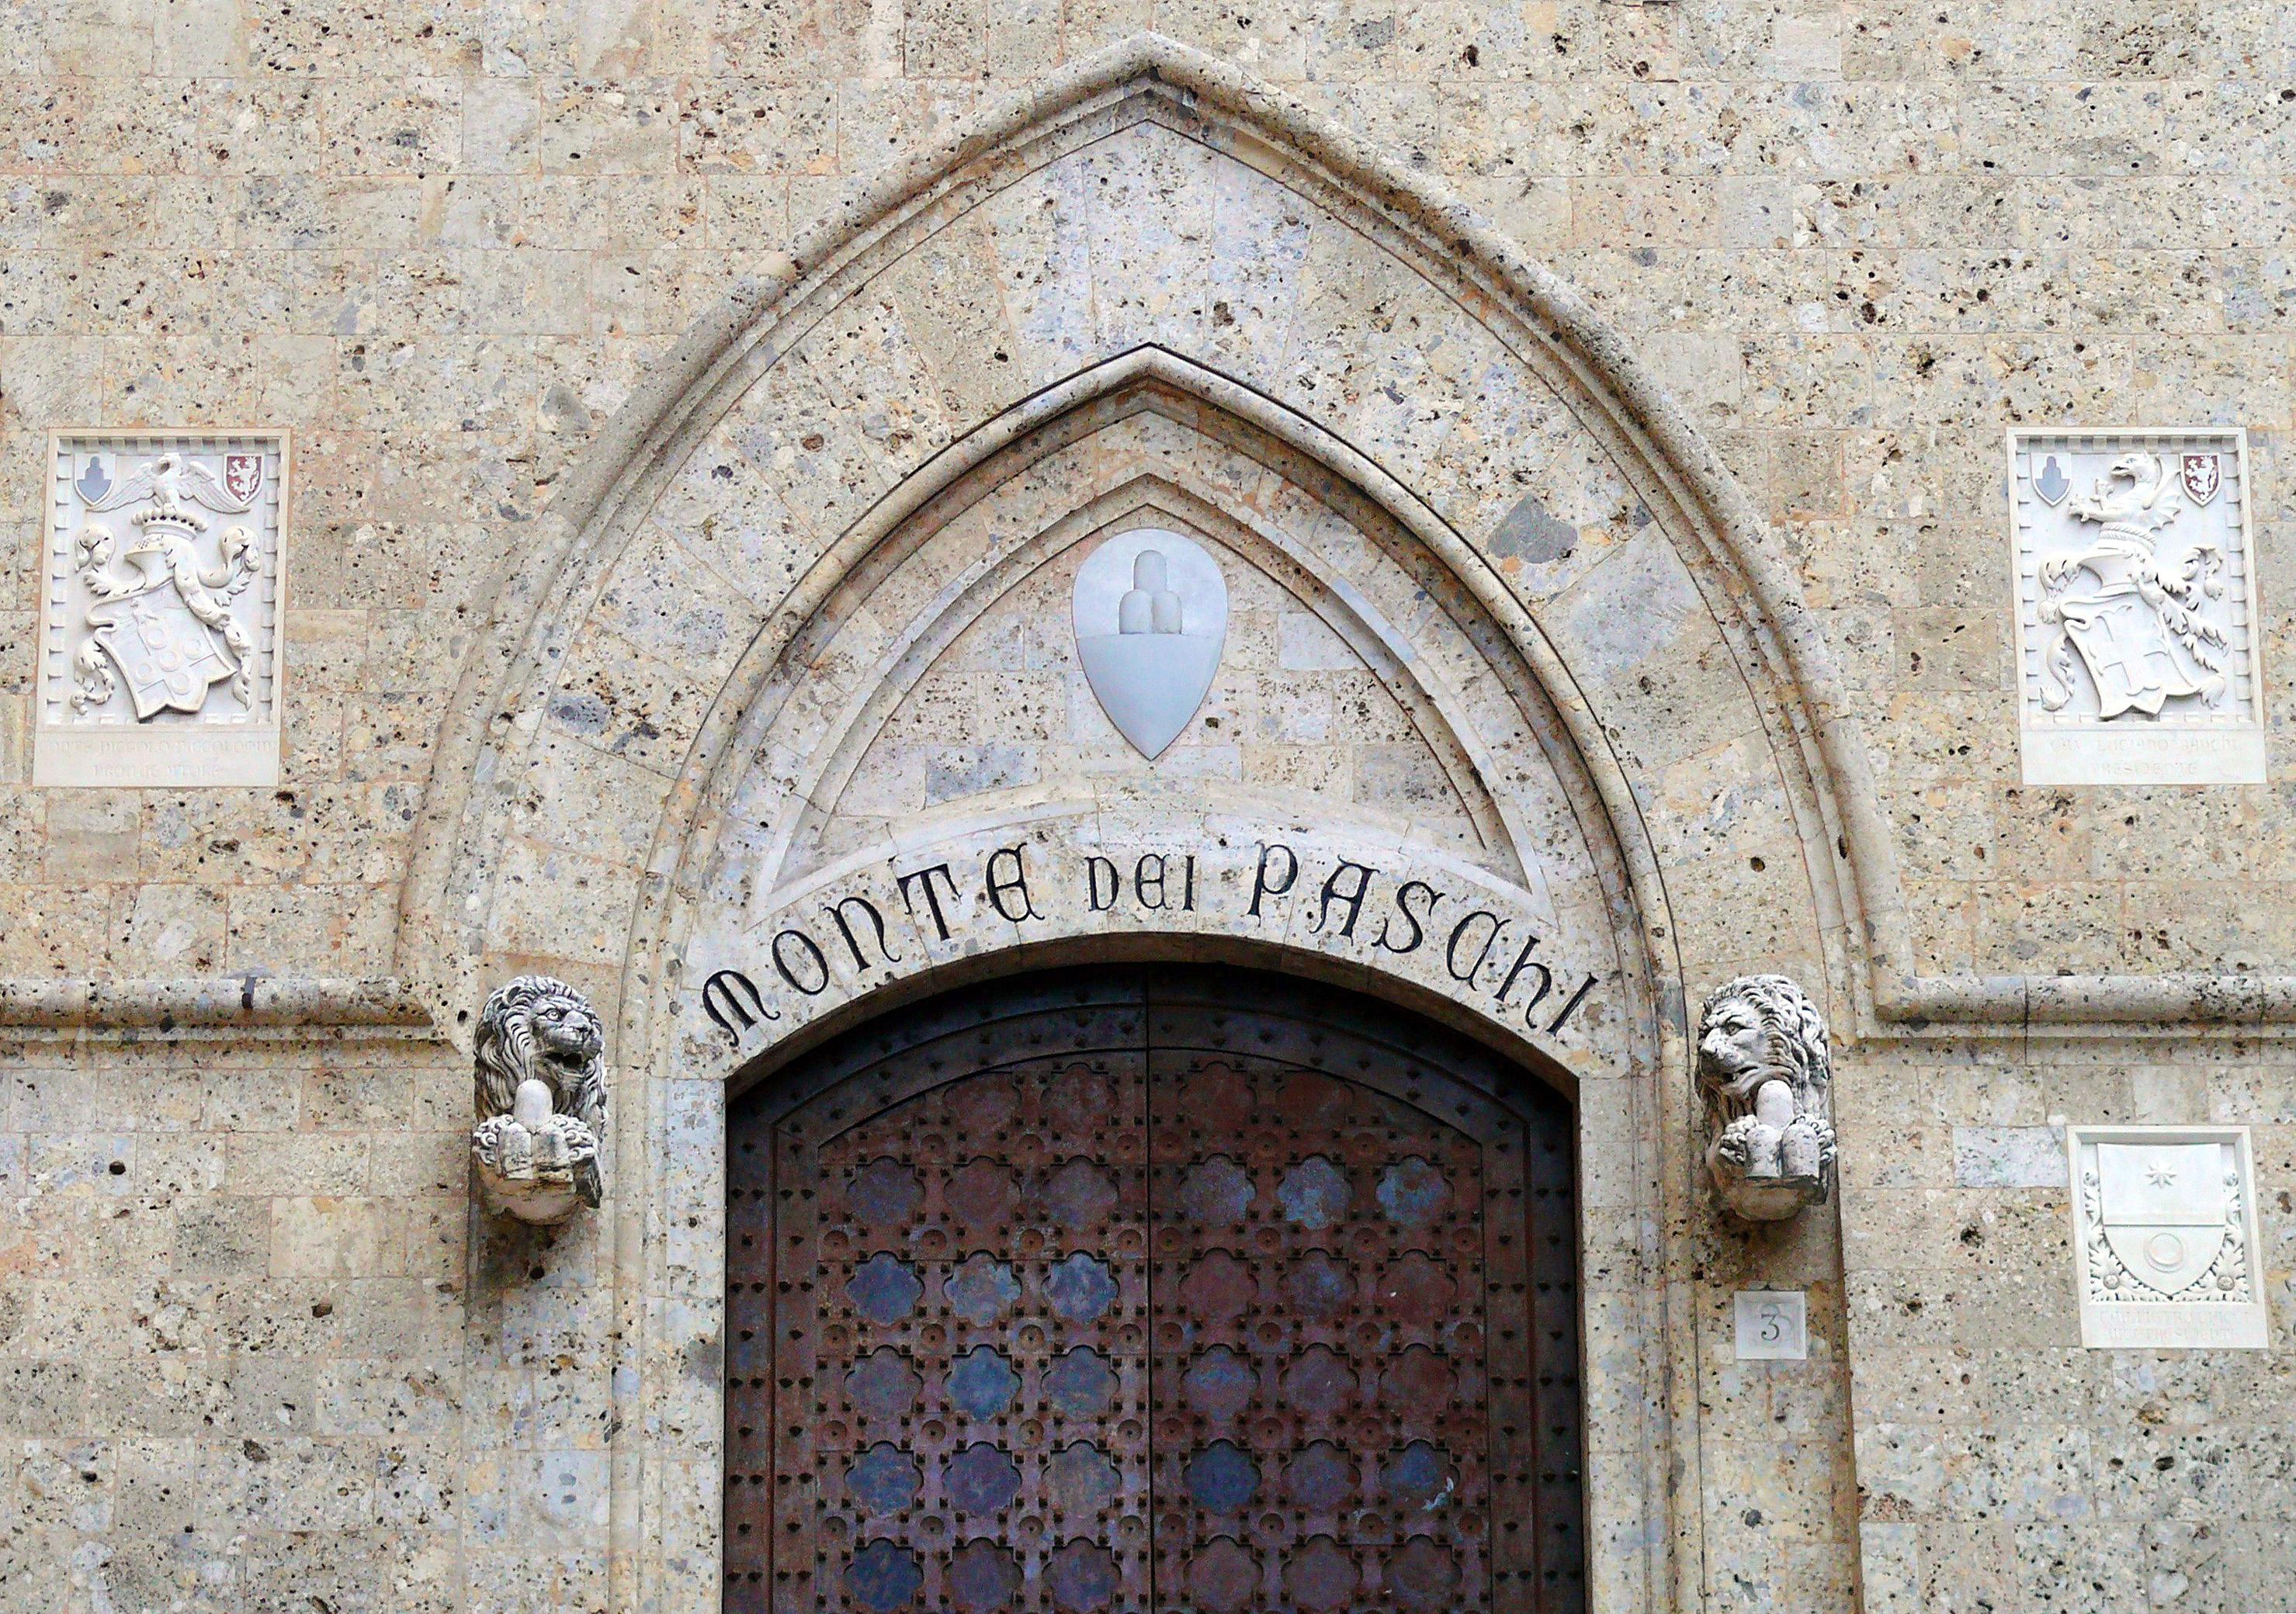 nuovo arriva vendita all'ingrosso bene fuori x Banca Monte dei Paschi di Siena - Wikipedia